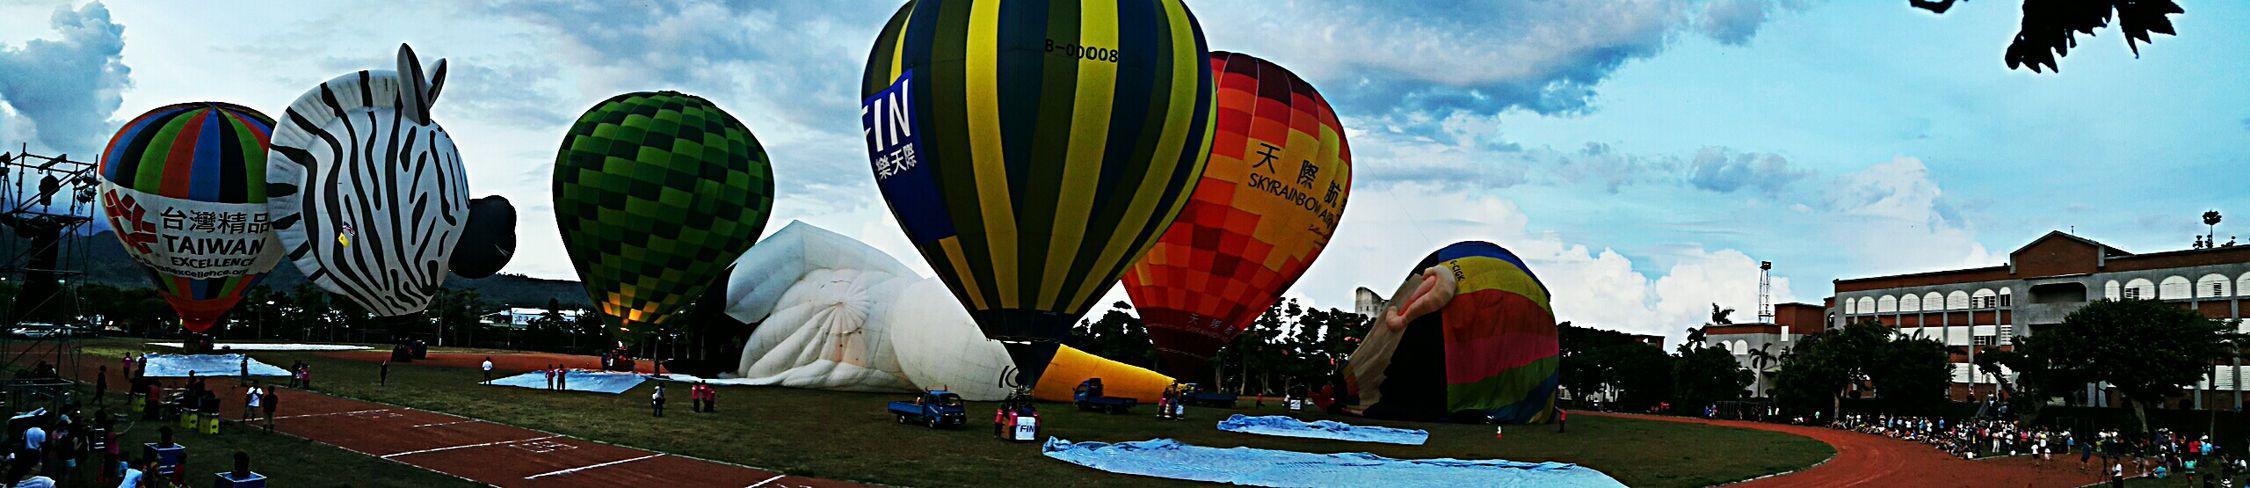 Hot Air Balloons Festival in Taitung,taiwan 光雕晚會